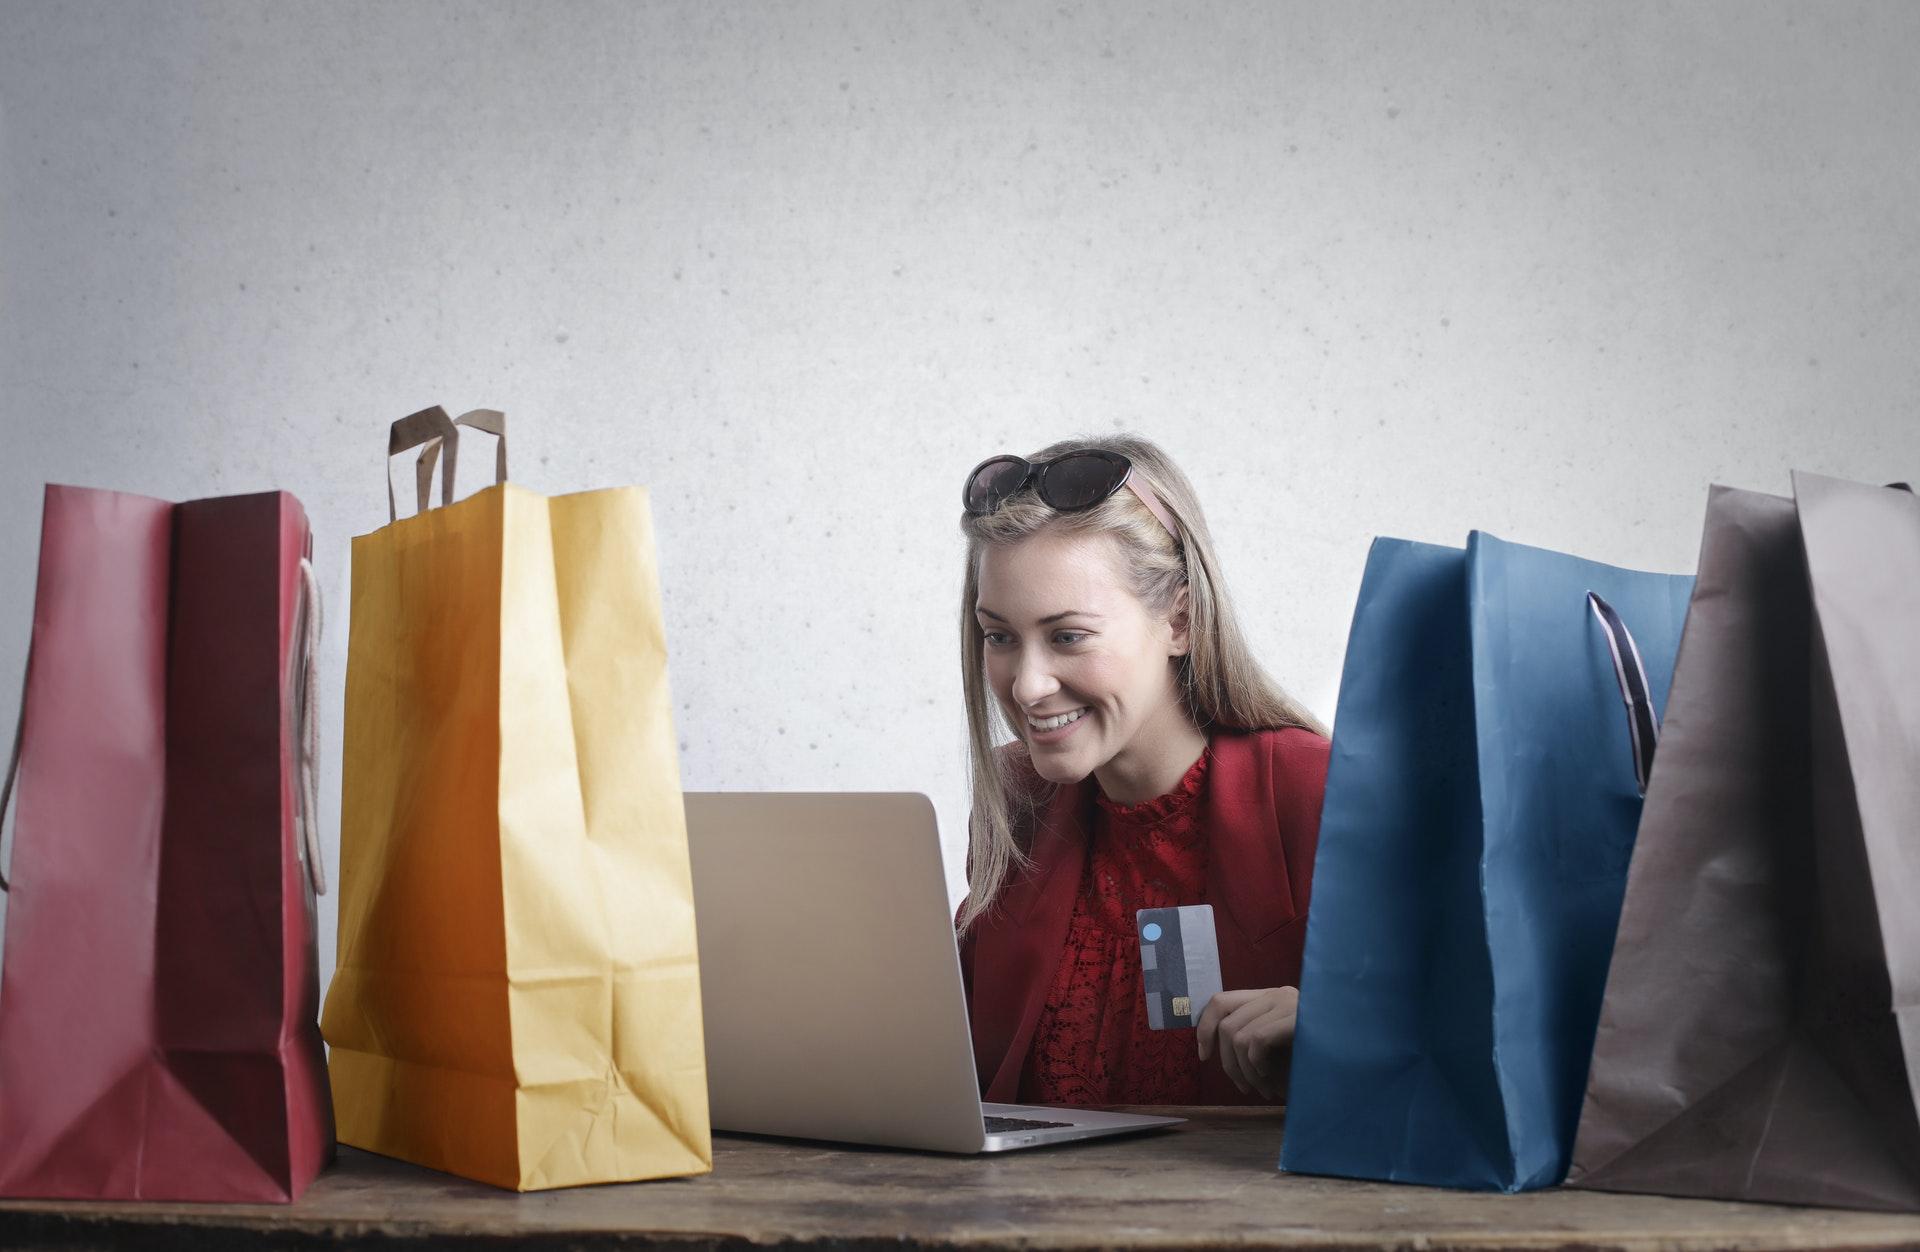 谷歌云积极备战黑色星期五 预计疫情将促进网上购物活动